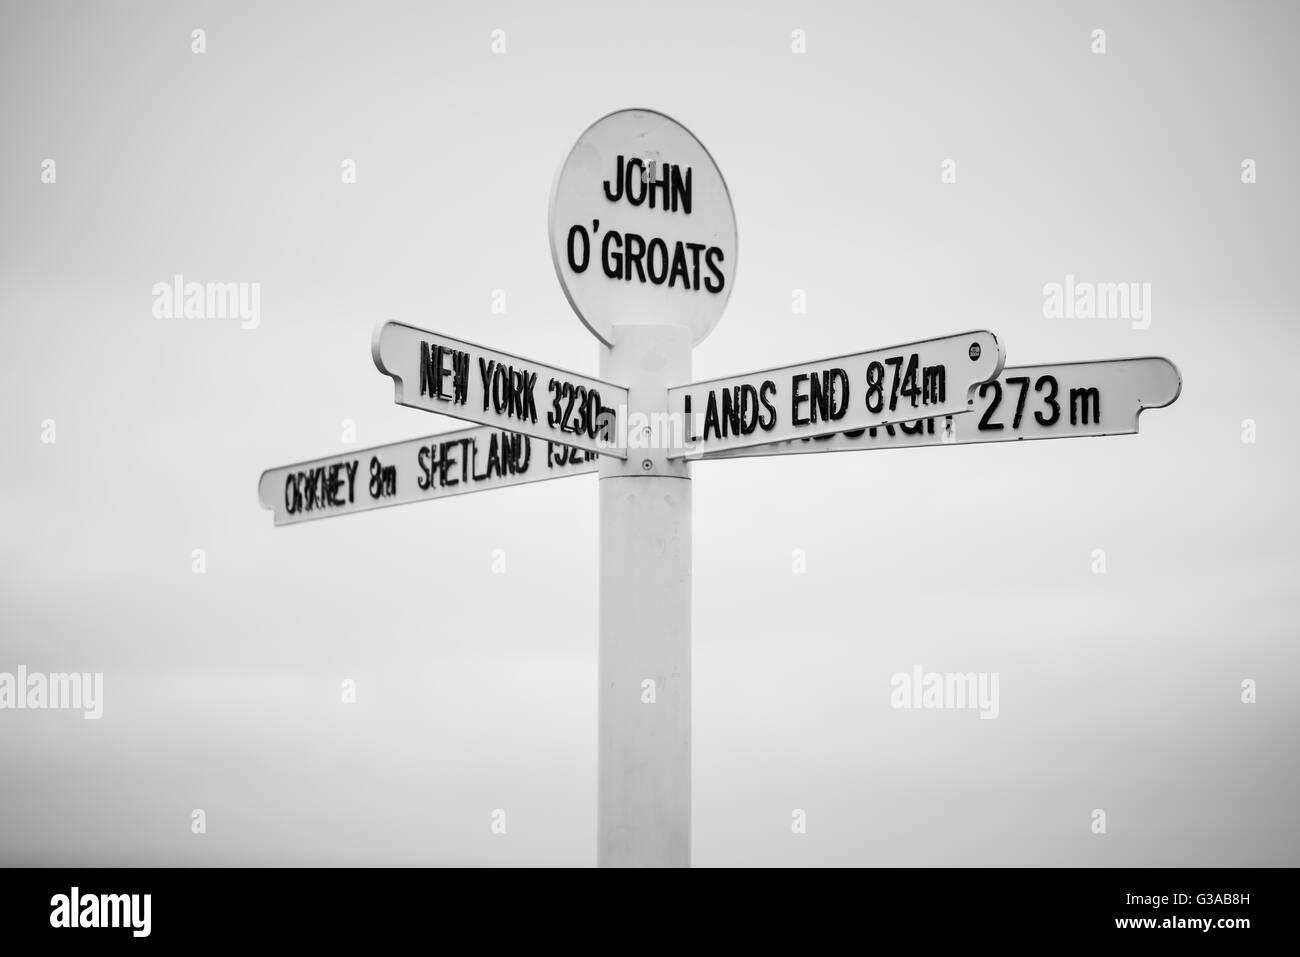 Señal de carretera inusual puesto en John o grañones Escocia Foto de stock